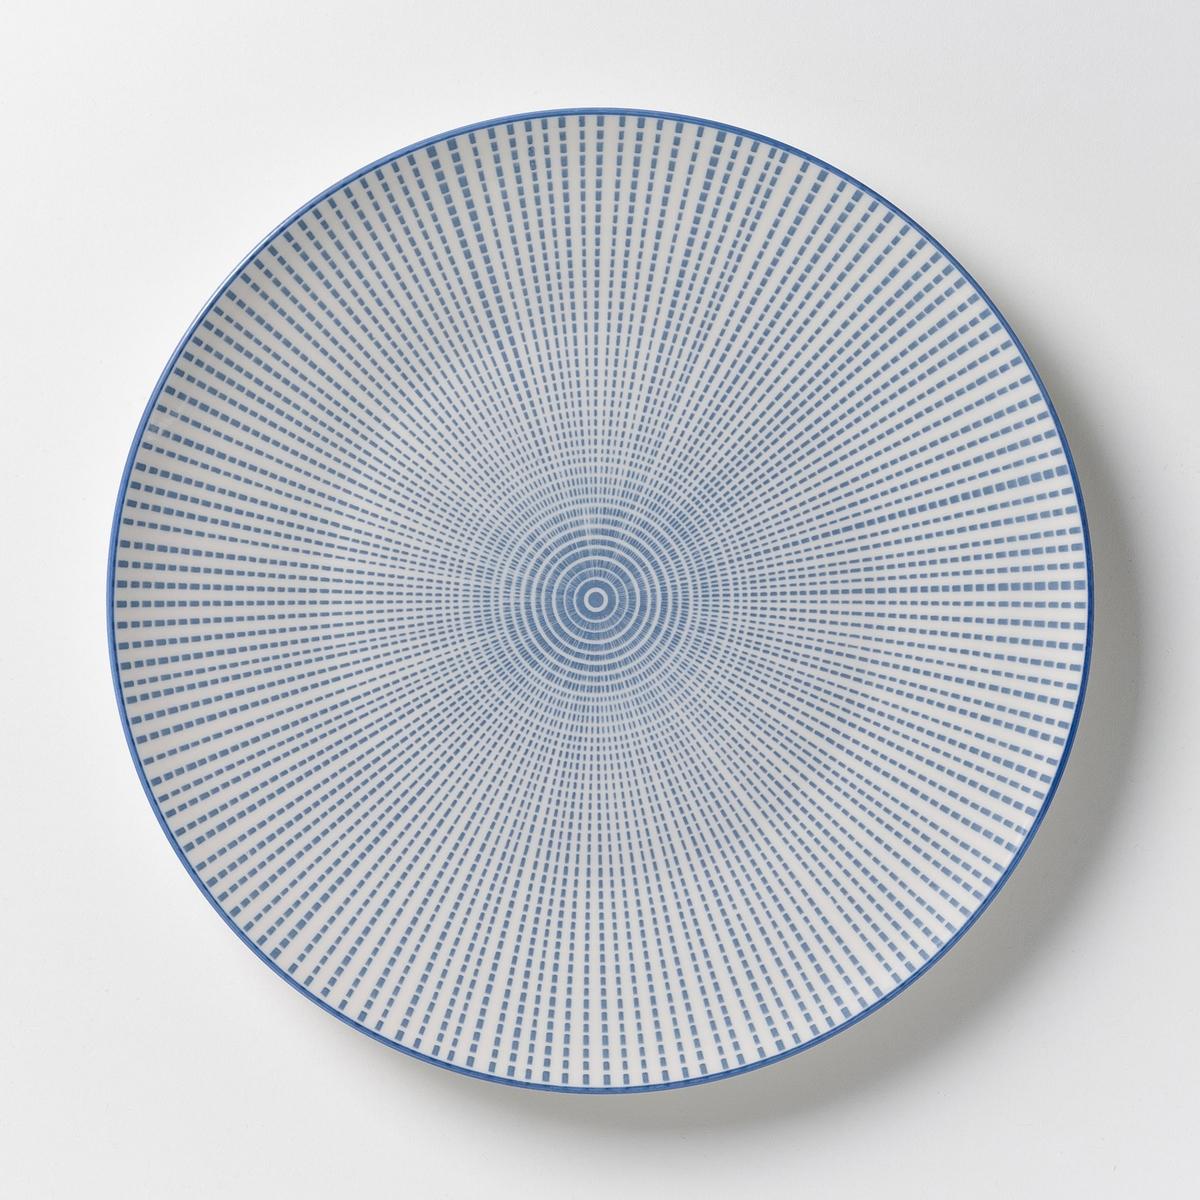 4 тарелки мелкие фарфоровые Shigoni4 мелких тарелки Shigoni. Тарелки в азиатском стиле с рифленой поверхностью. Глазурованный фарфор. Размеры: ?26,5 см. Подходит для посудомоечных машин и микроволновых печей. Выбор десертных тарелок и чаш на сайте.<br><br>Цвет: синий/белый